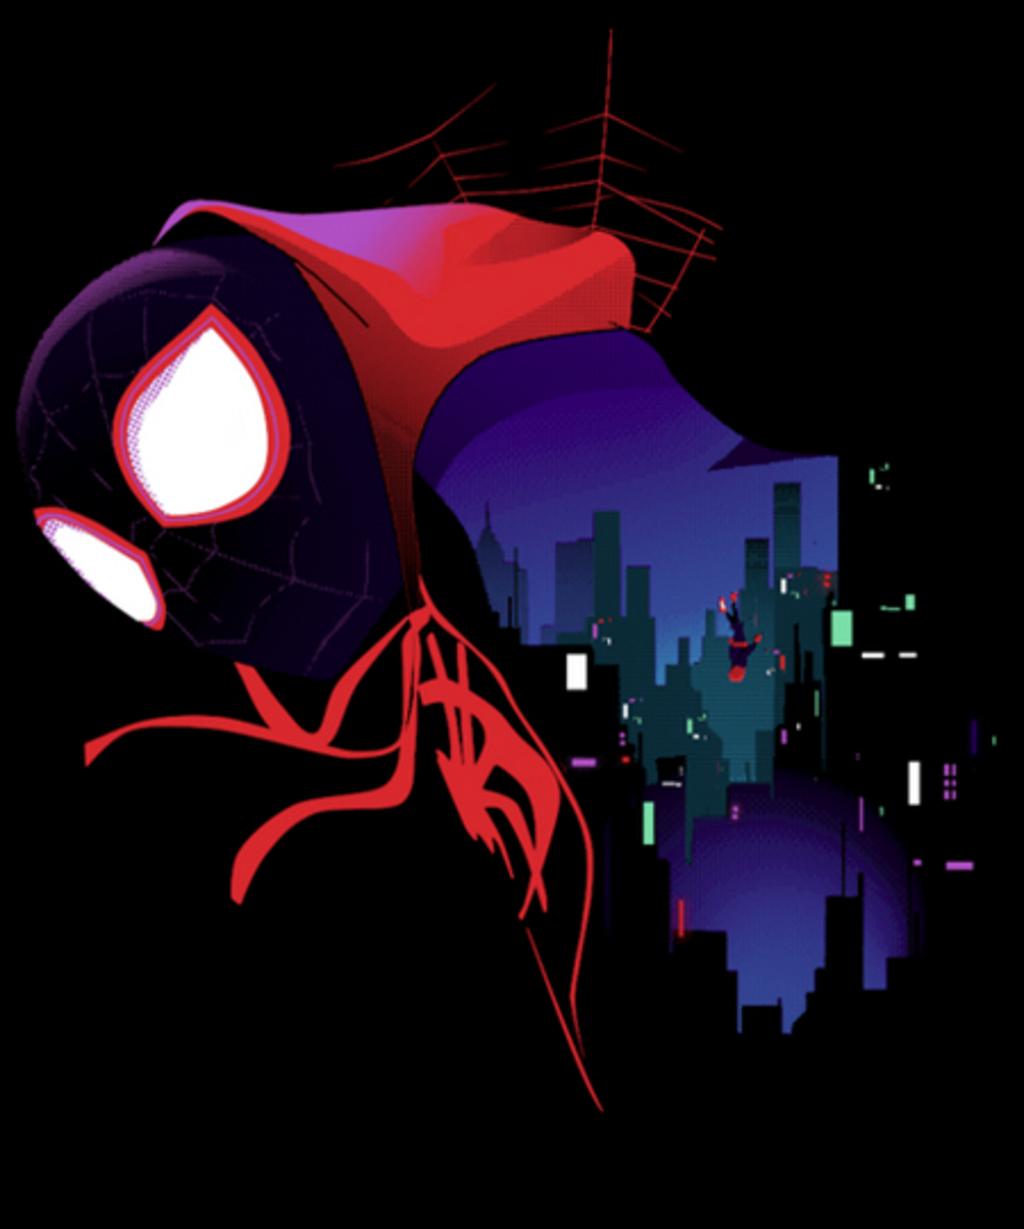 Qwertee: Spider-Miles